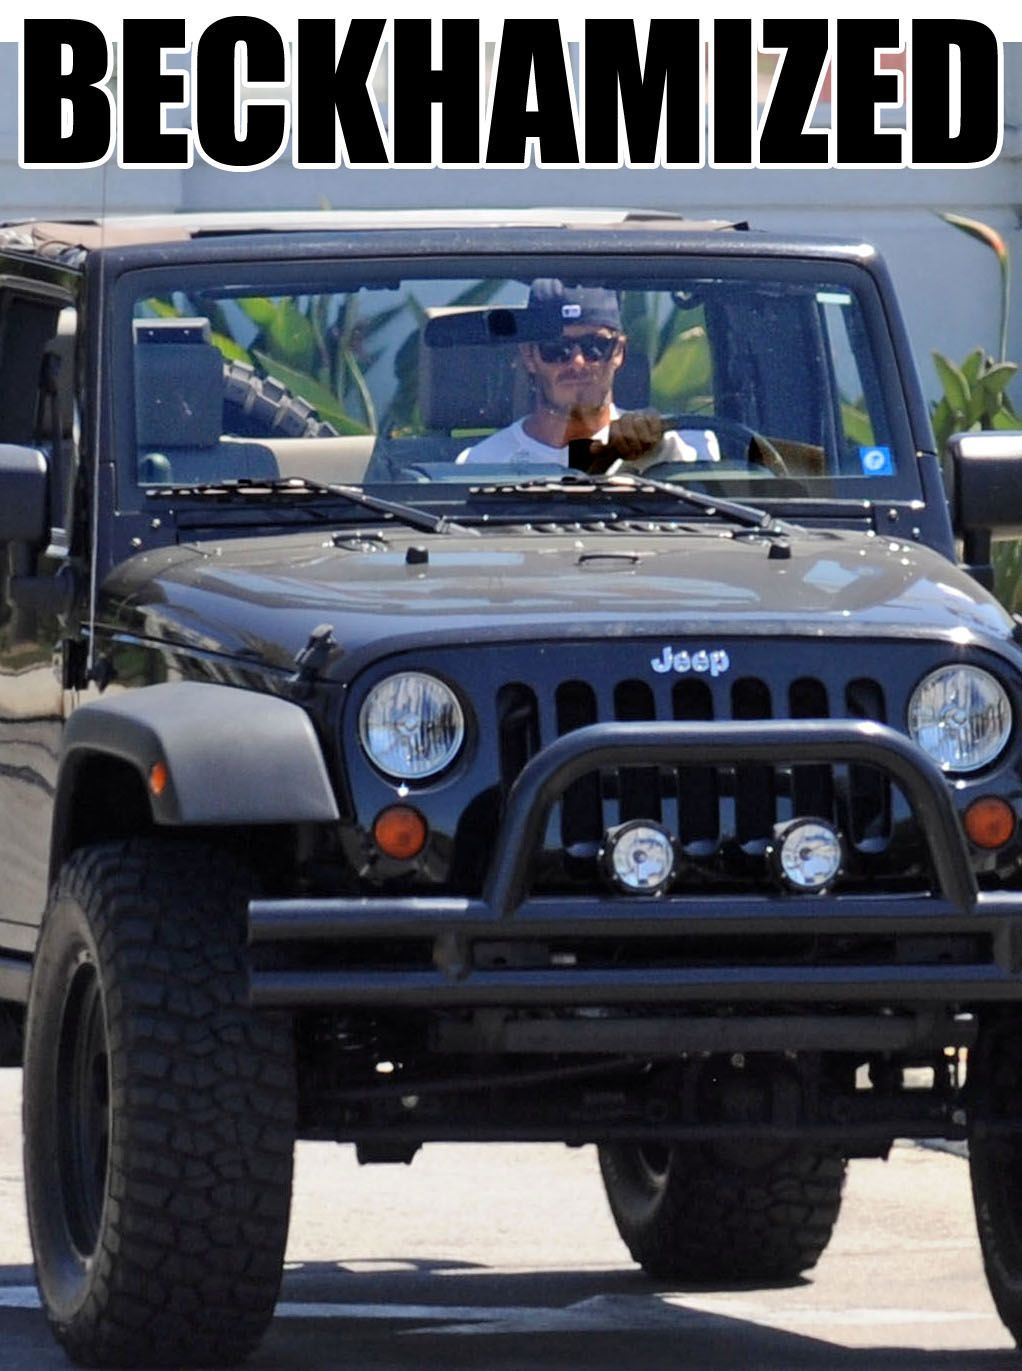 David Beckham Spotted In Custom Monster-Sized Jeep Wrangler ...